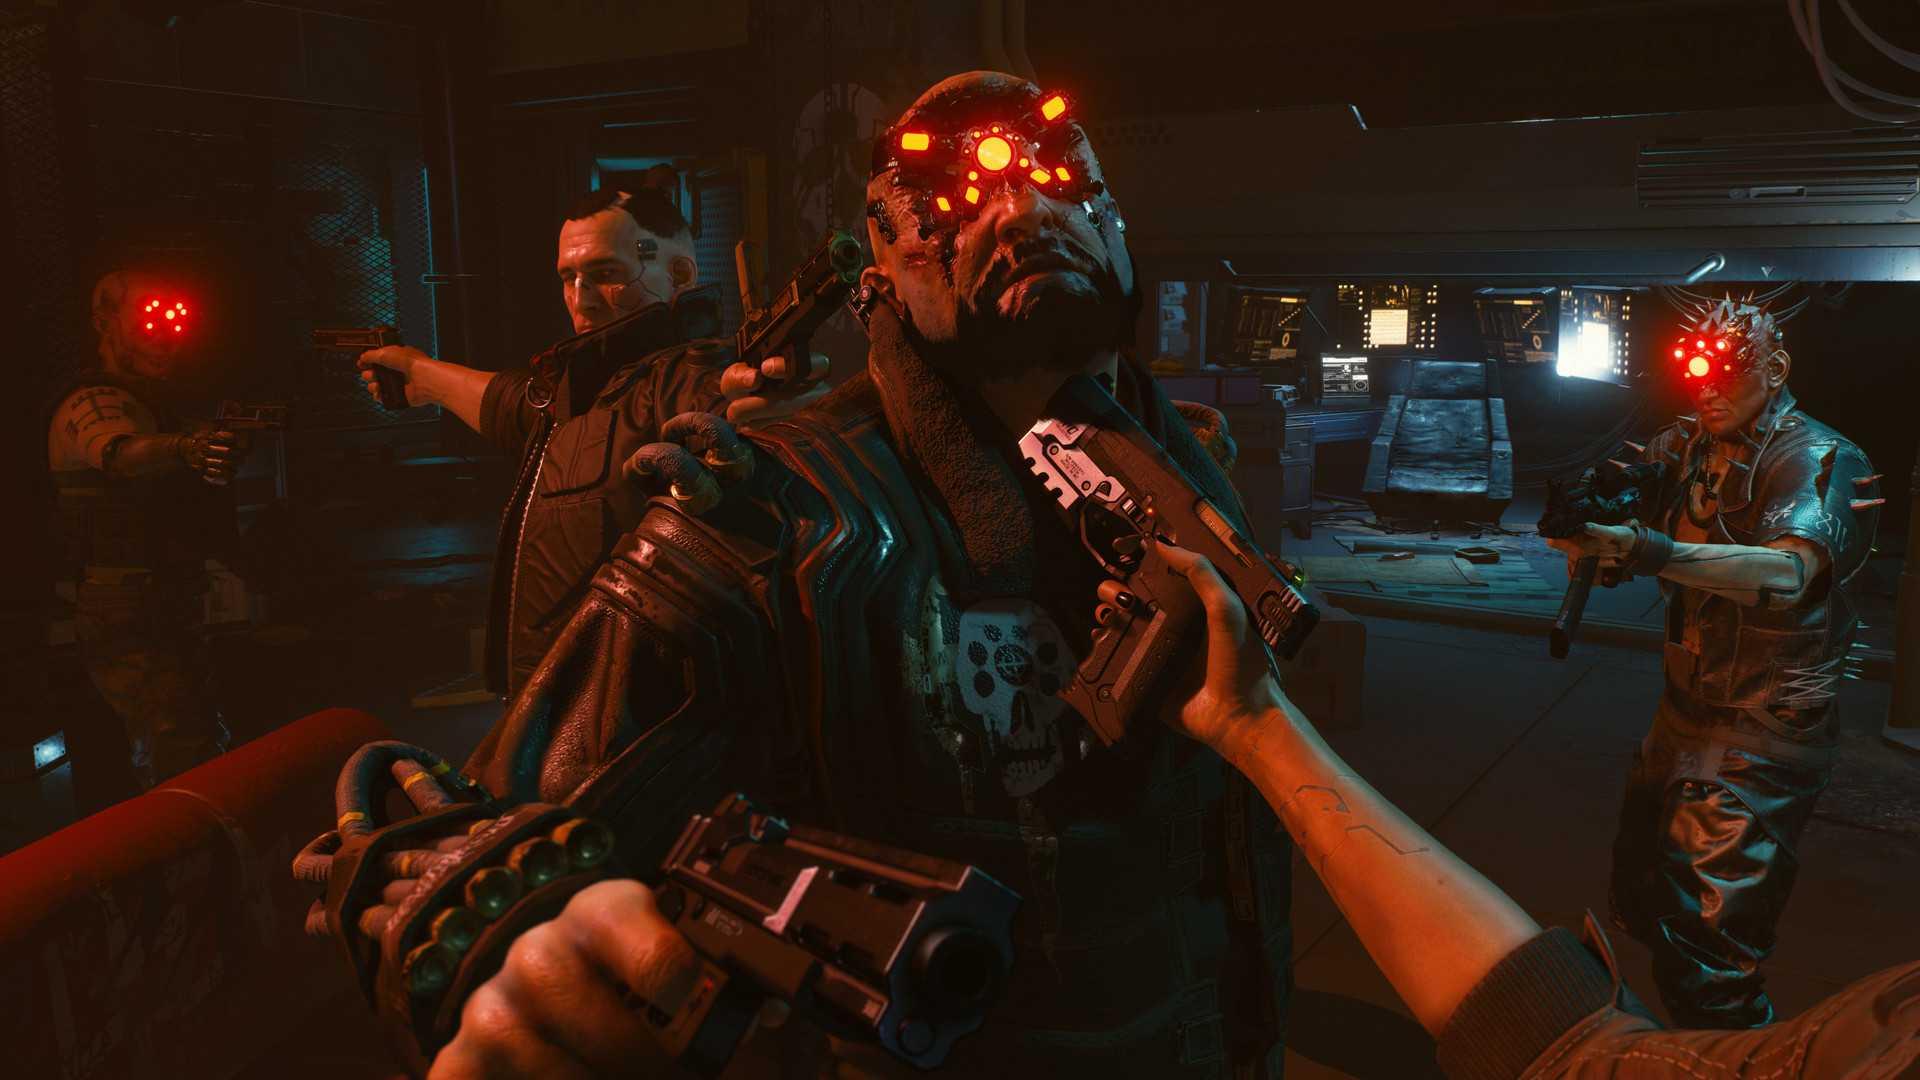 CD Projekt Red использует DMCA, чтобы не допустить распространения украденного кода Cyberpunk 2077